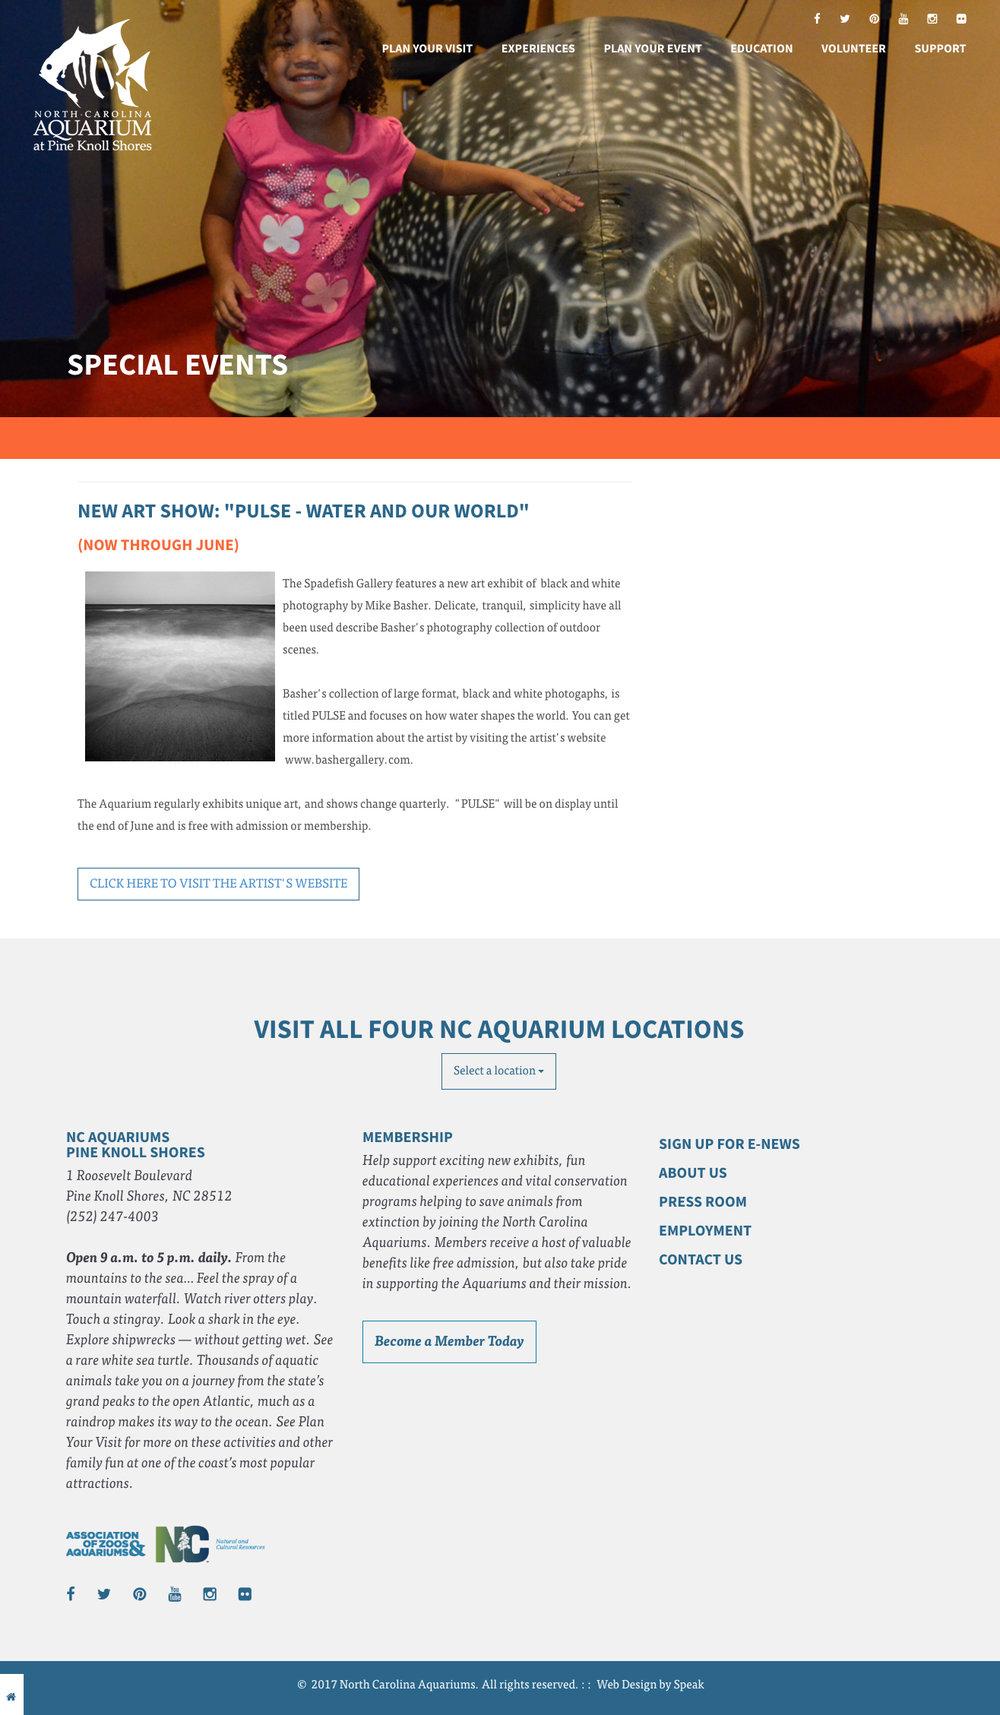 NC_AQUARIUM_PAGE.jpg